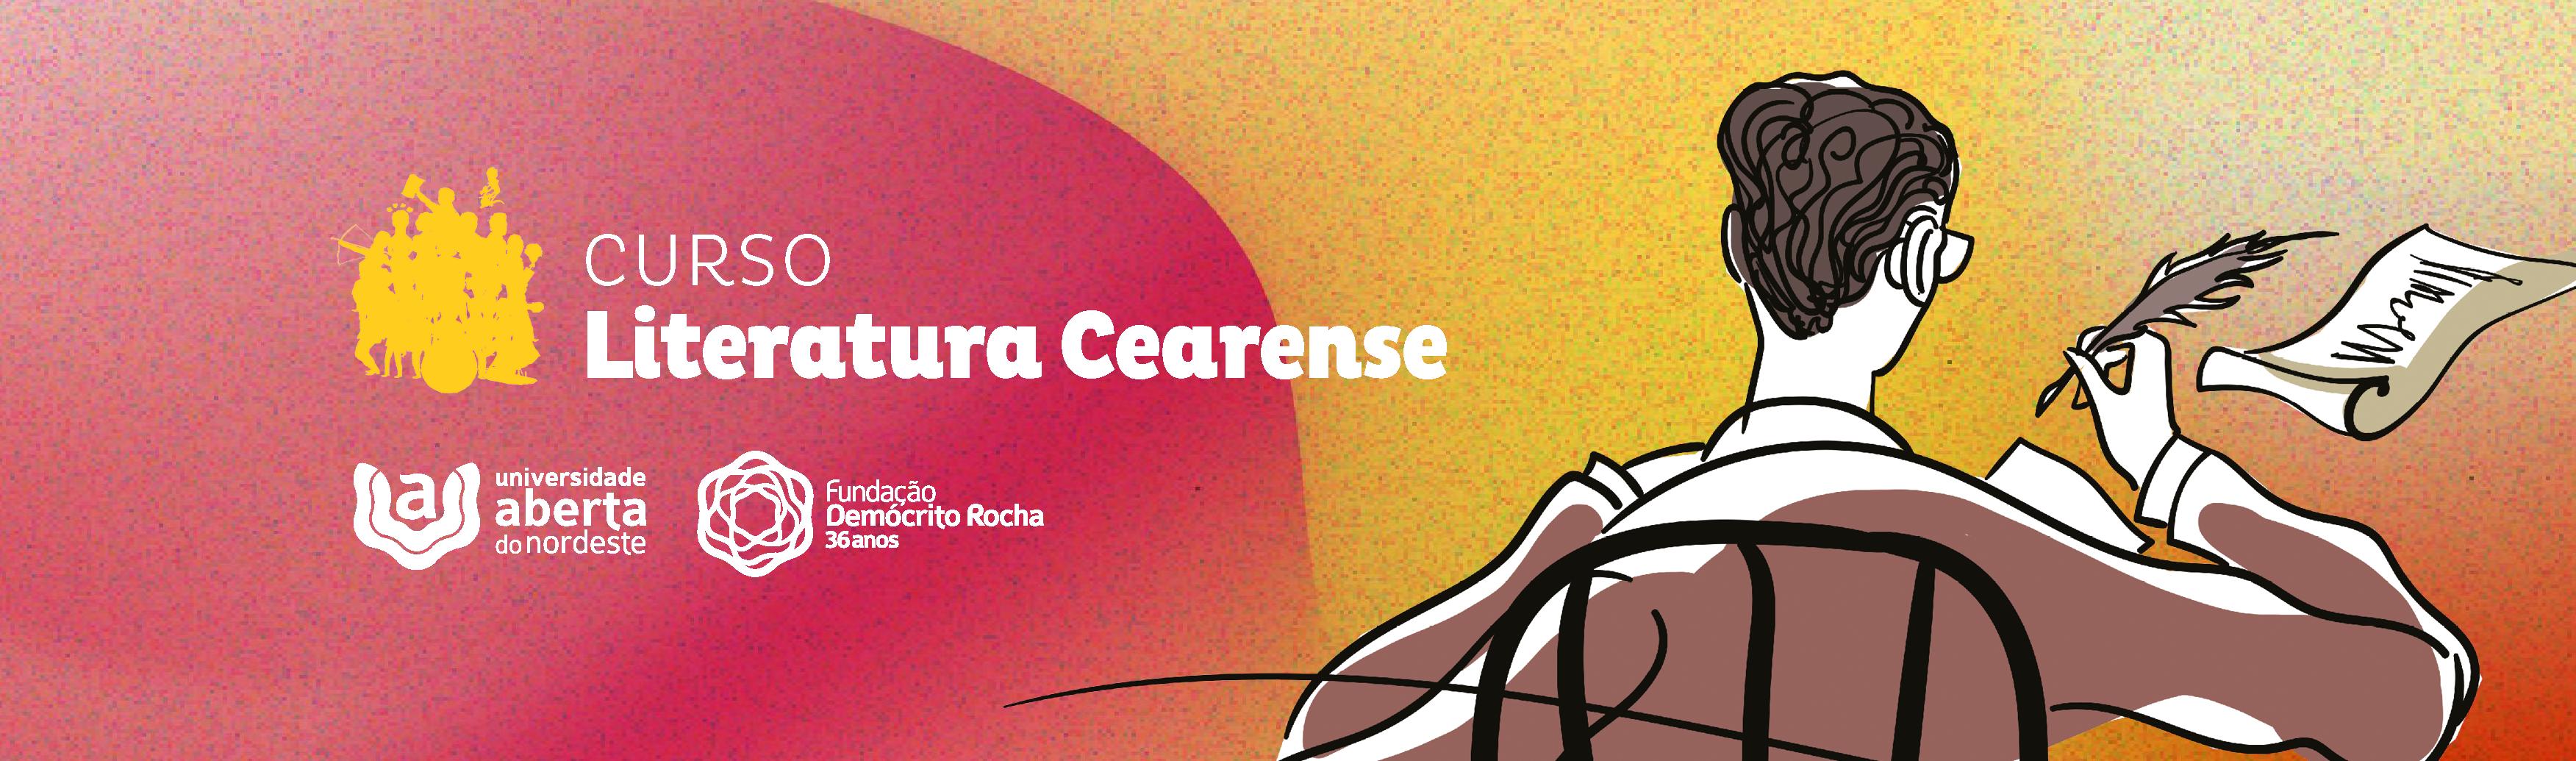 Course Image Curso Livre Literatura Cearense